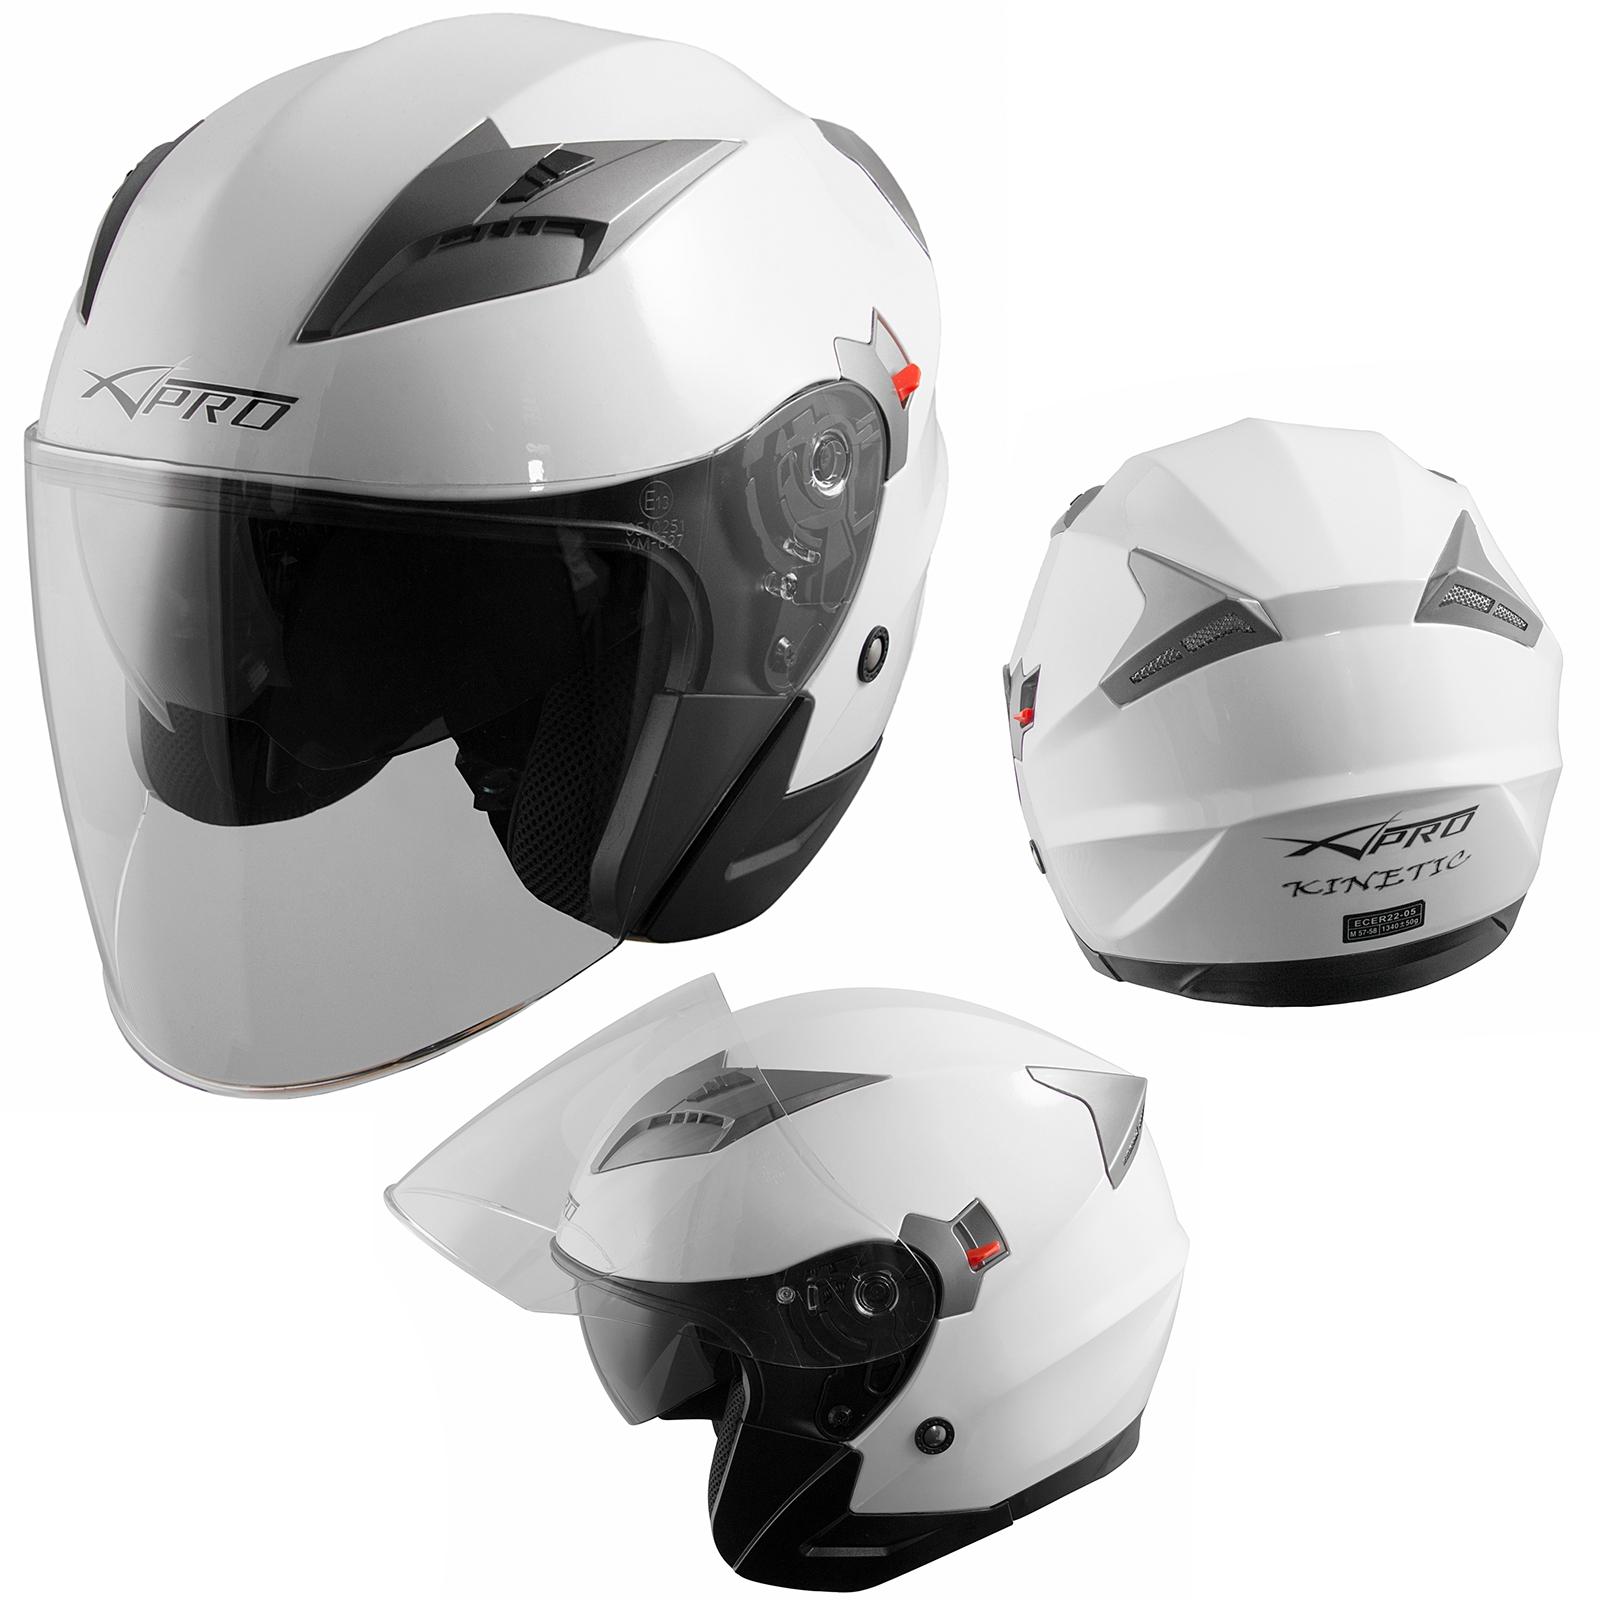 Demi-Jet-Casque-Visiere-Pare-Soleil-ECE-22-05-Approuve-Moto-Scooter